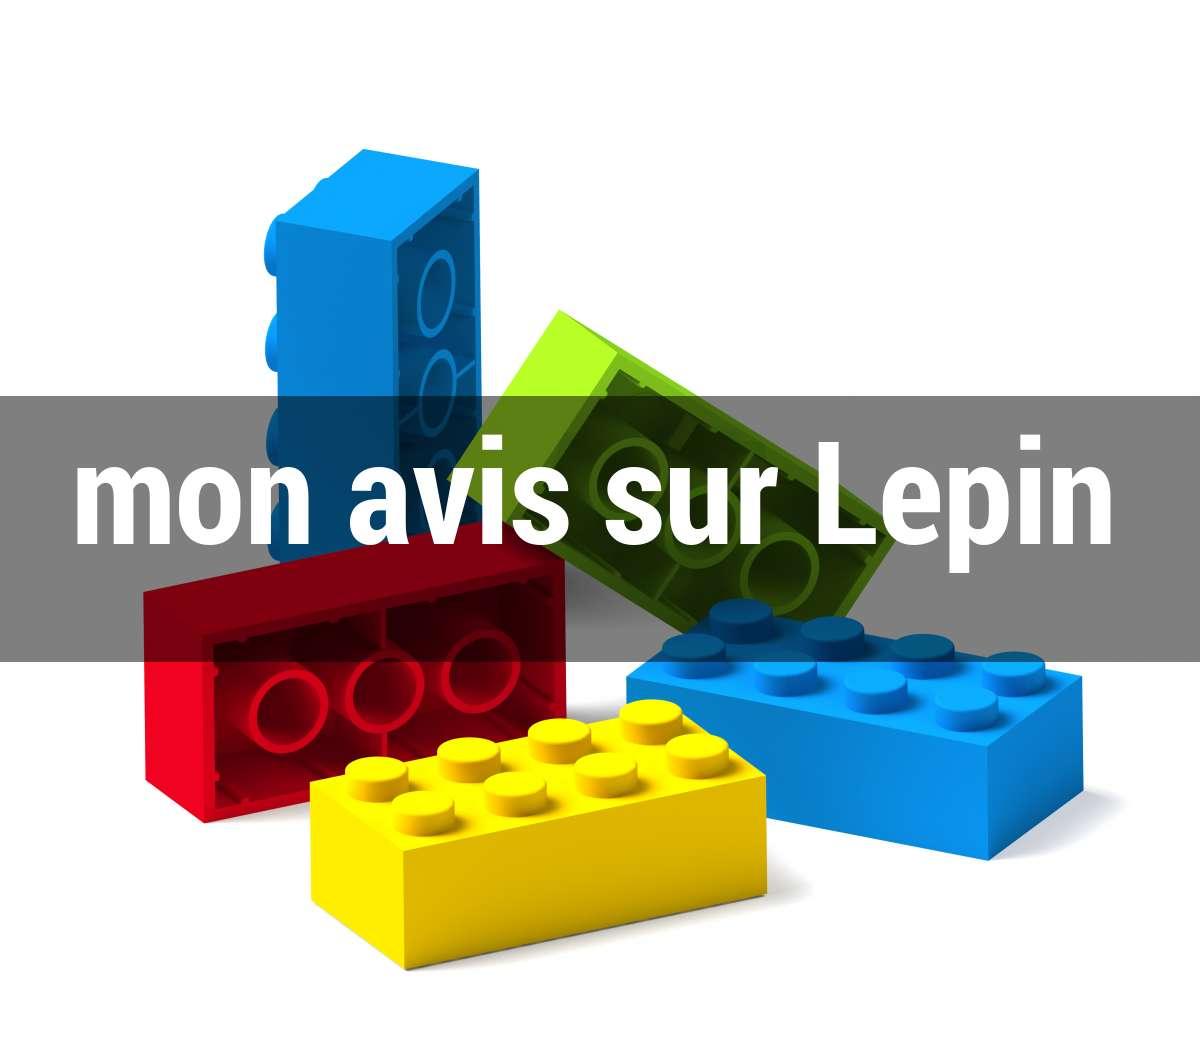 Sur Legos Marque Qui Zvoon Les Avis LepinLa Copie uOXZPki